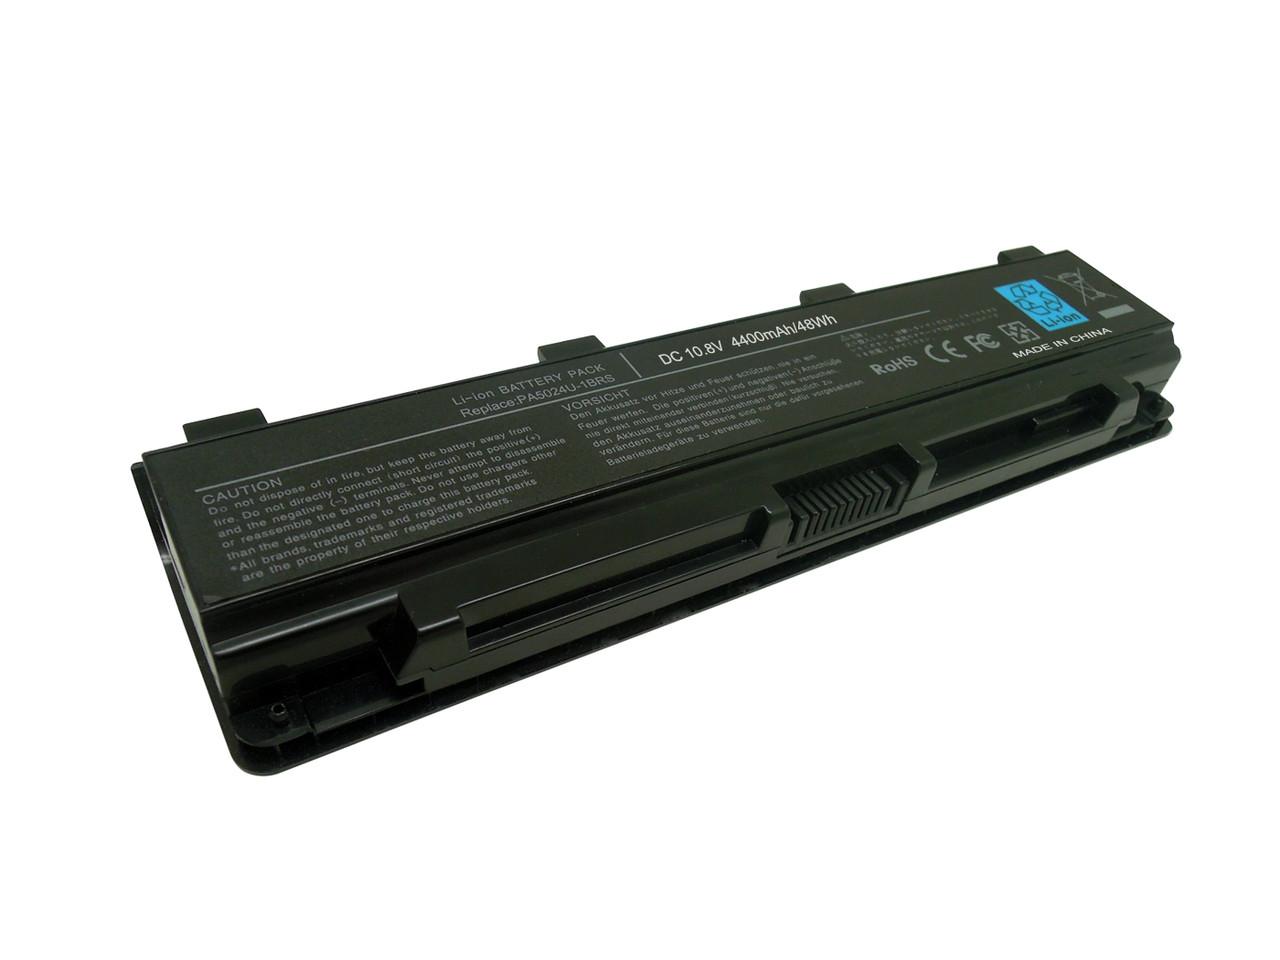 Аккумулятор для ноутбука TOSHIBA SATELLITE C805-T06B